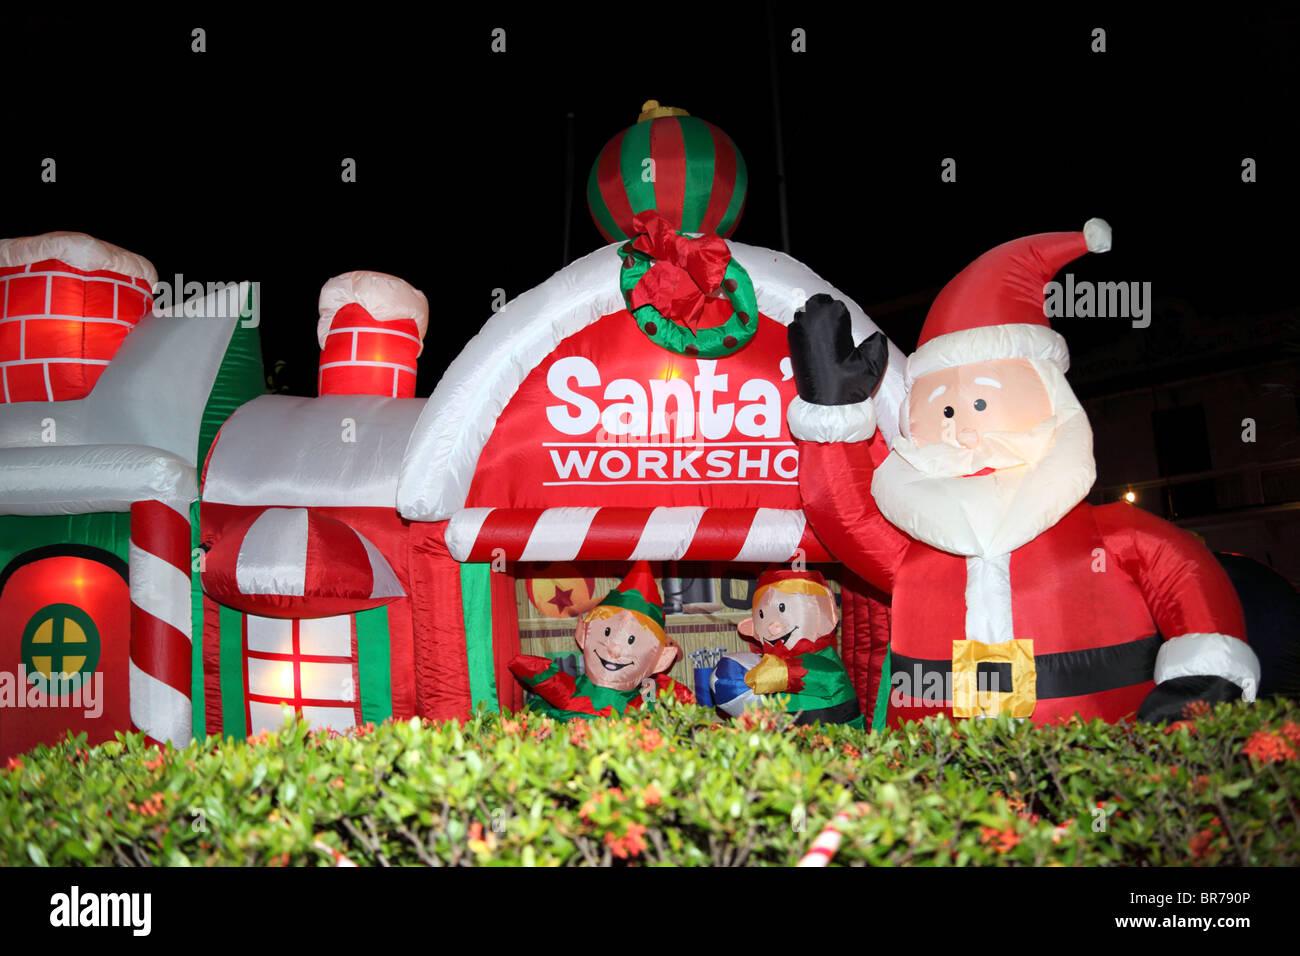 santa chair covers australia wheelchair gst santas workshop stock photos and